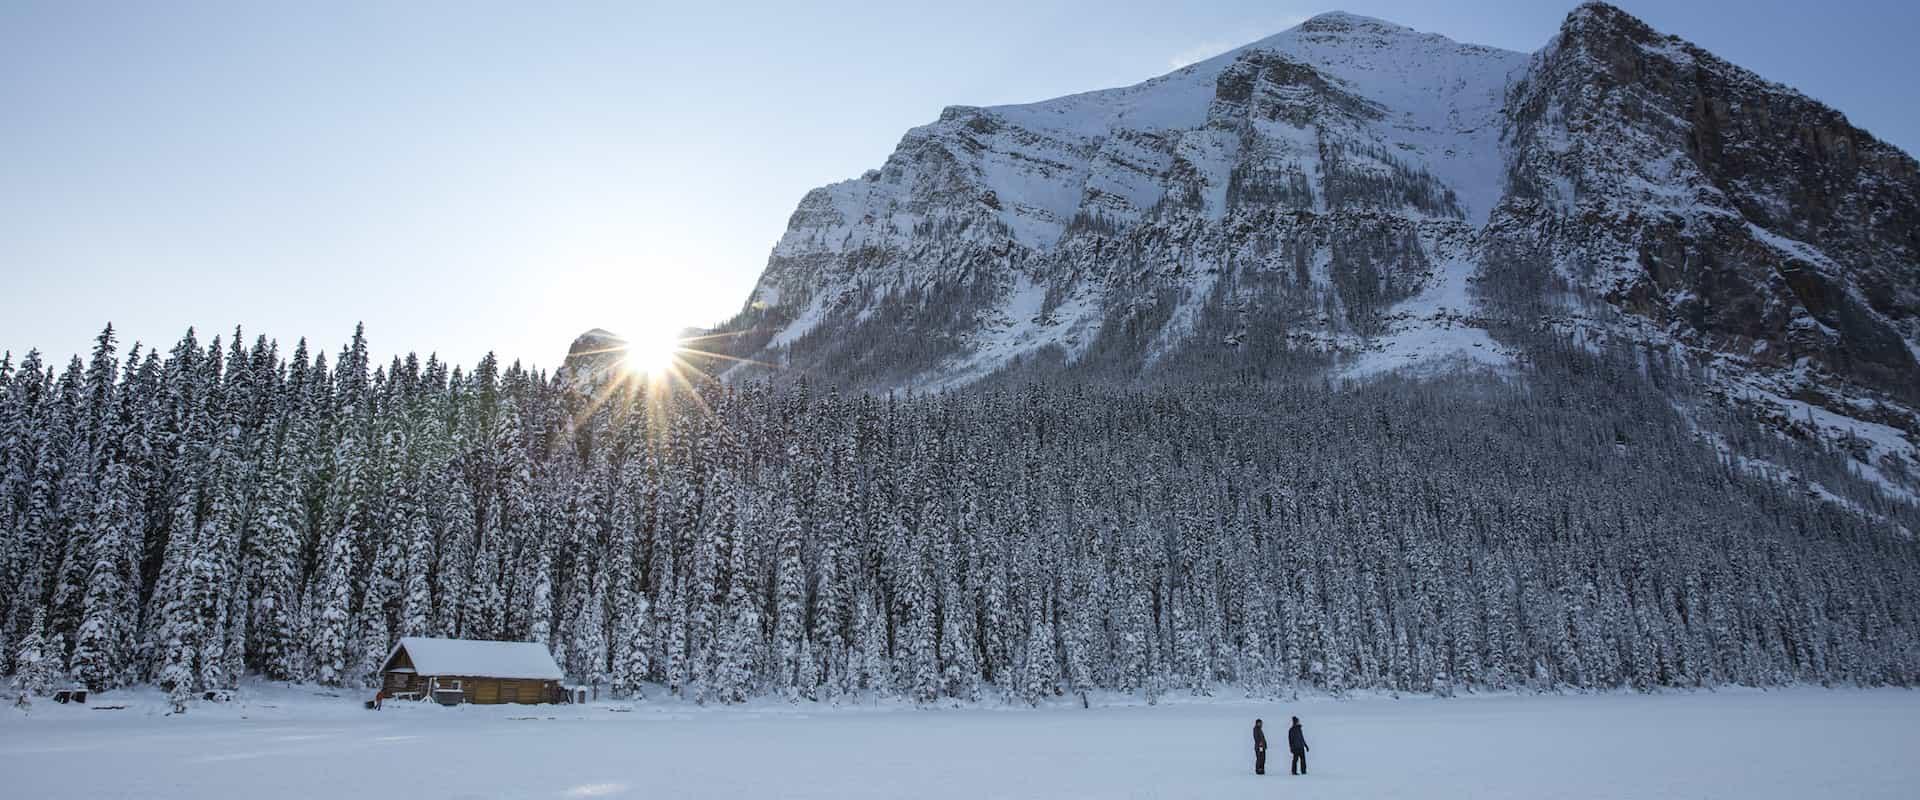 Visit Lake Louise in winter